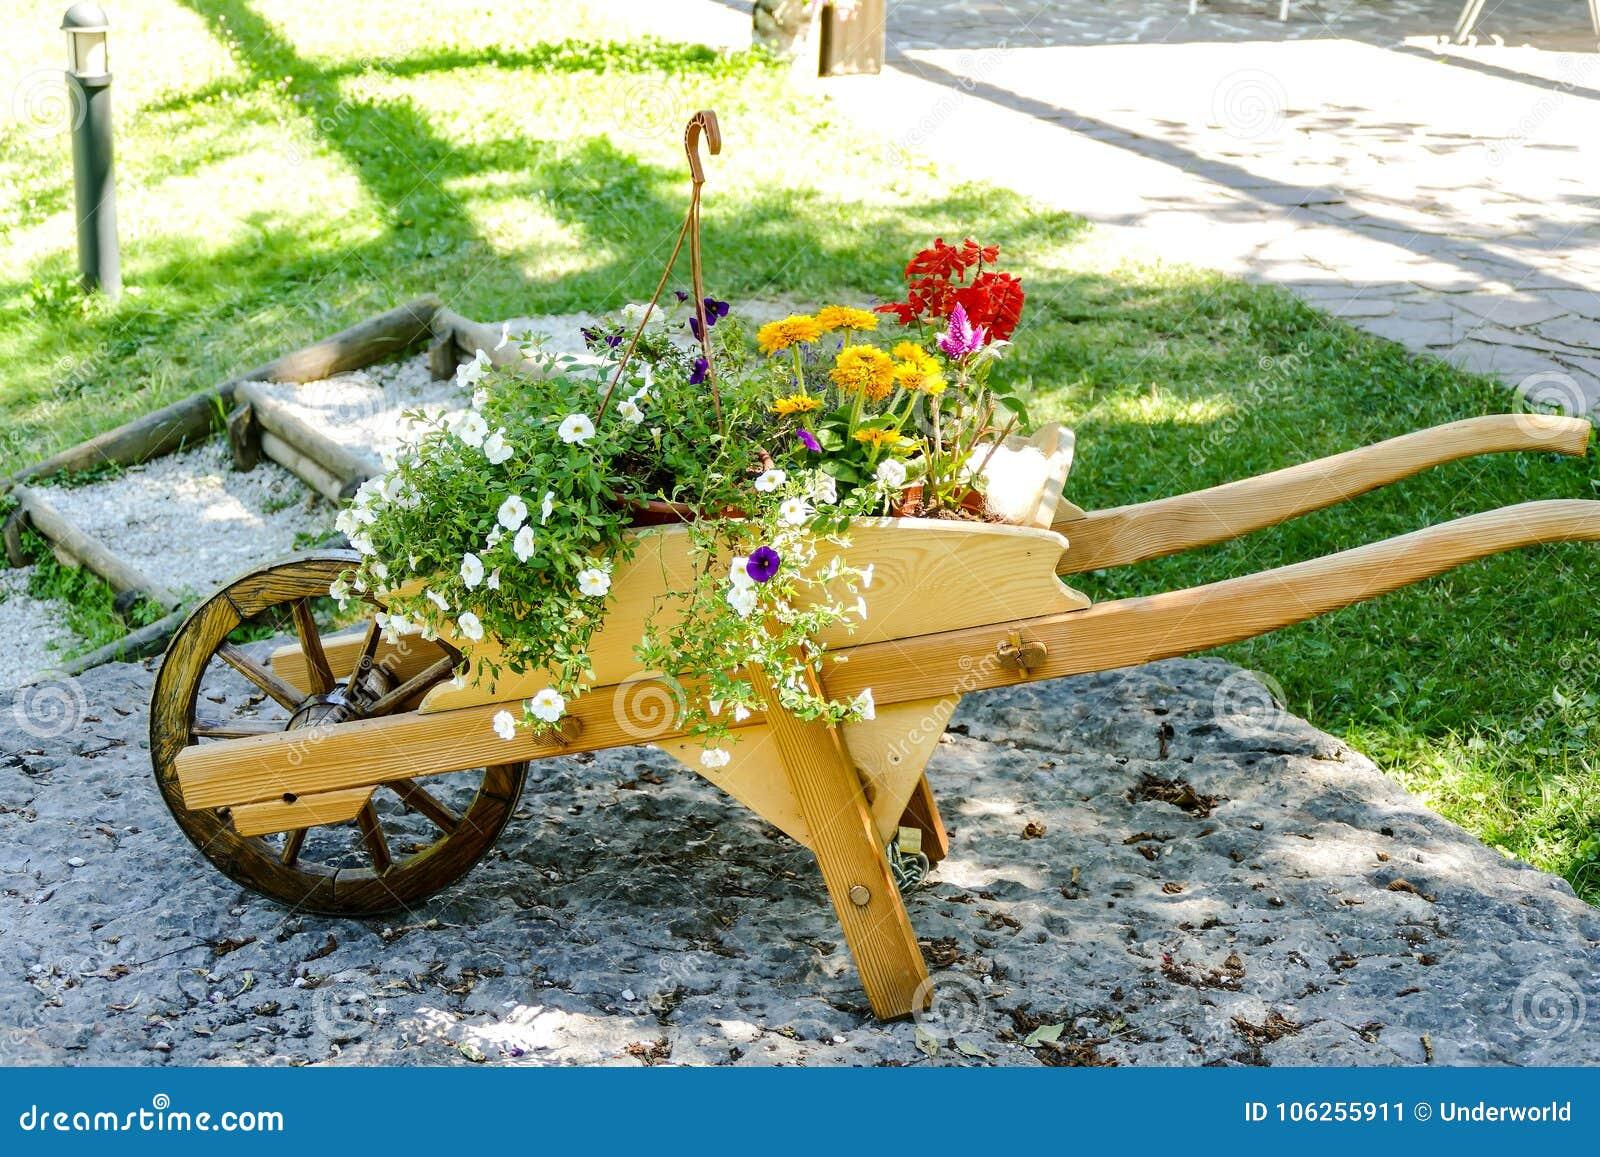 Brouette En Bois Decorative Avec Des Fleurs Image Stock Image Du